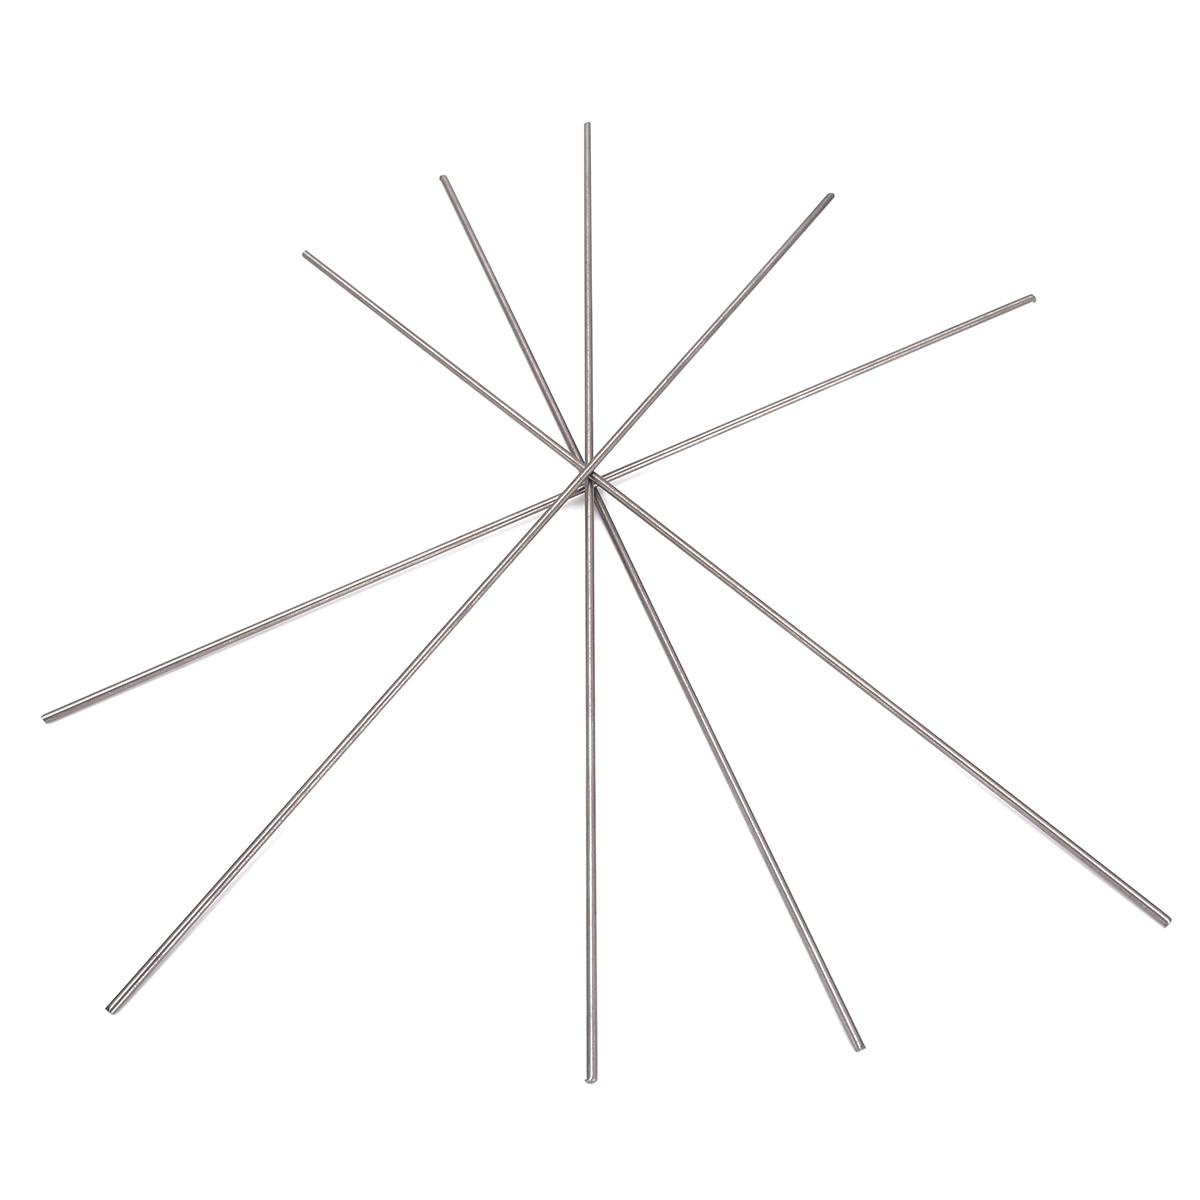 5 шт. круглый титановый Ti Бар класс 5 GR5 металлический стержень диаметр 2 мм длина 250 мм 10 дюймов для производства компонентов газовой турбины